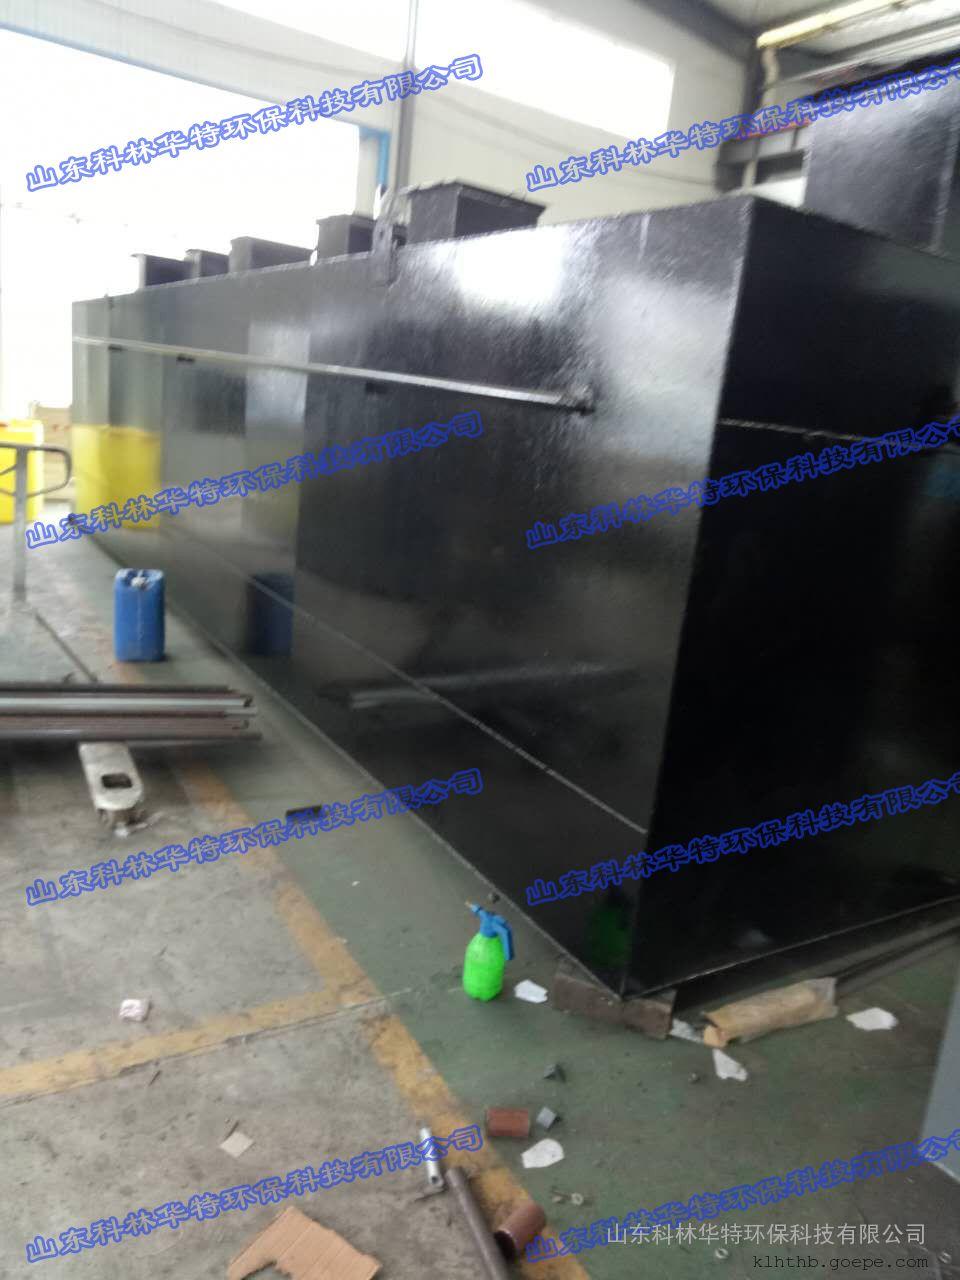 MBR膜生物反应器、一体化MBR膜设备、MBR膜污水处理设备